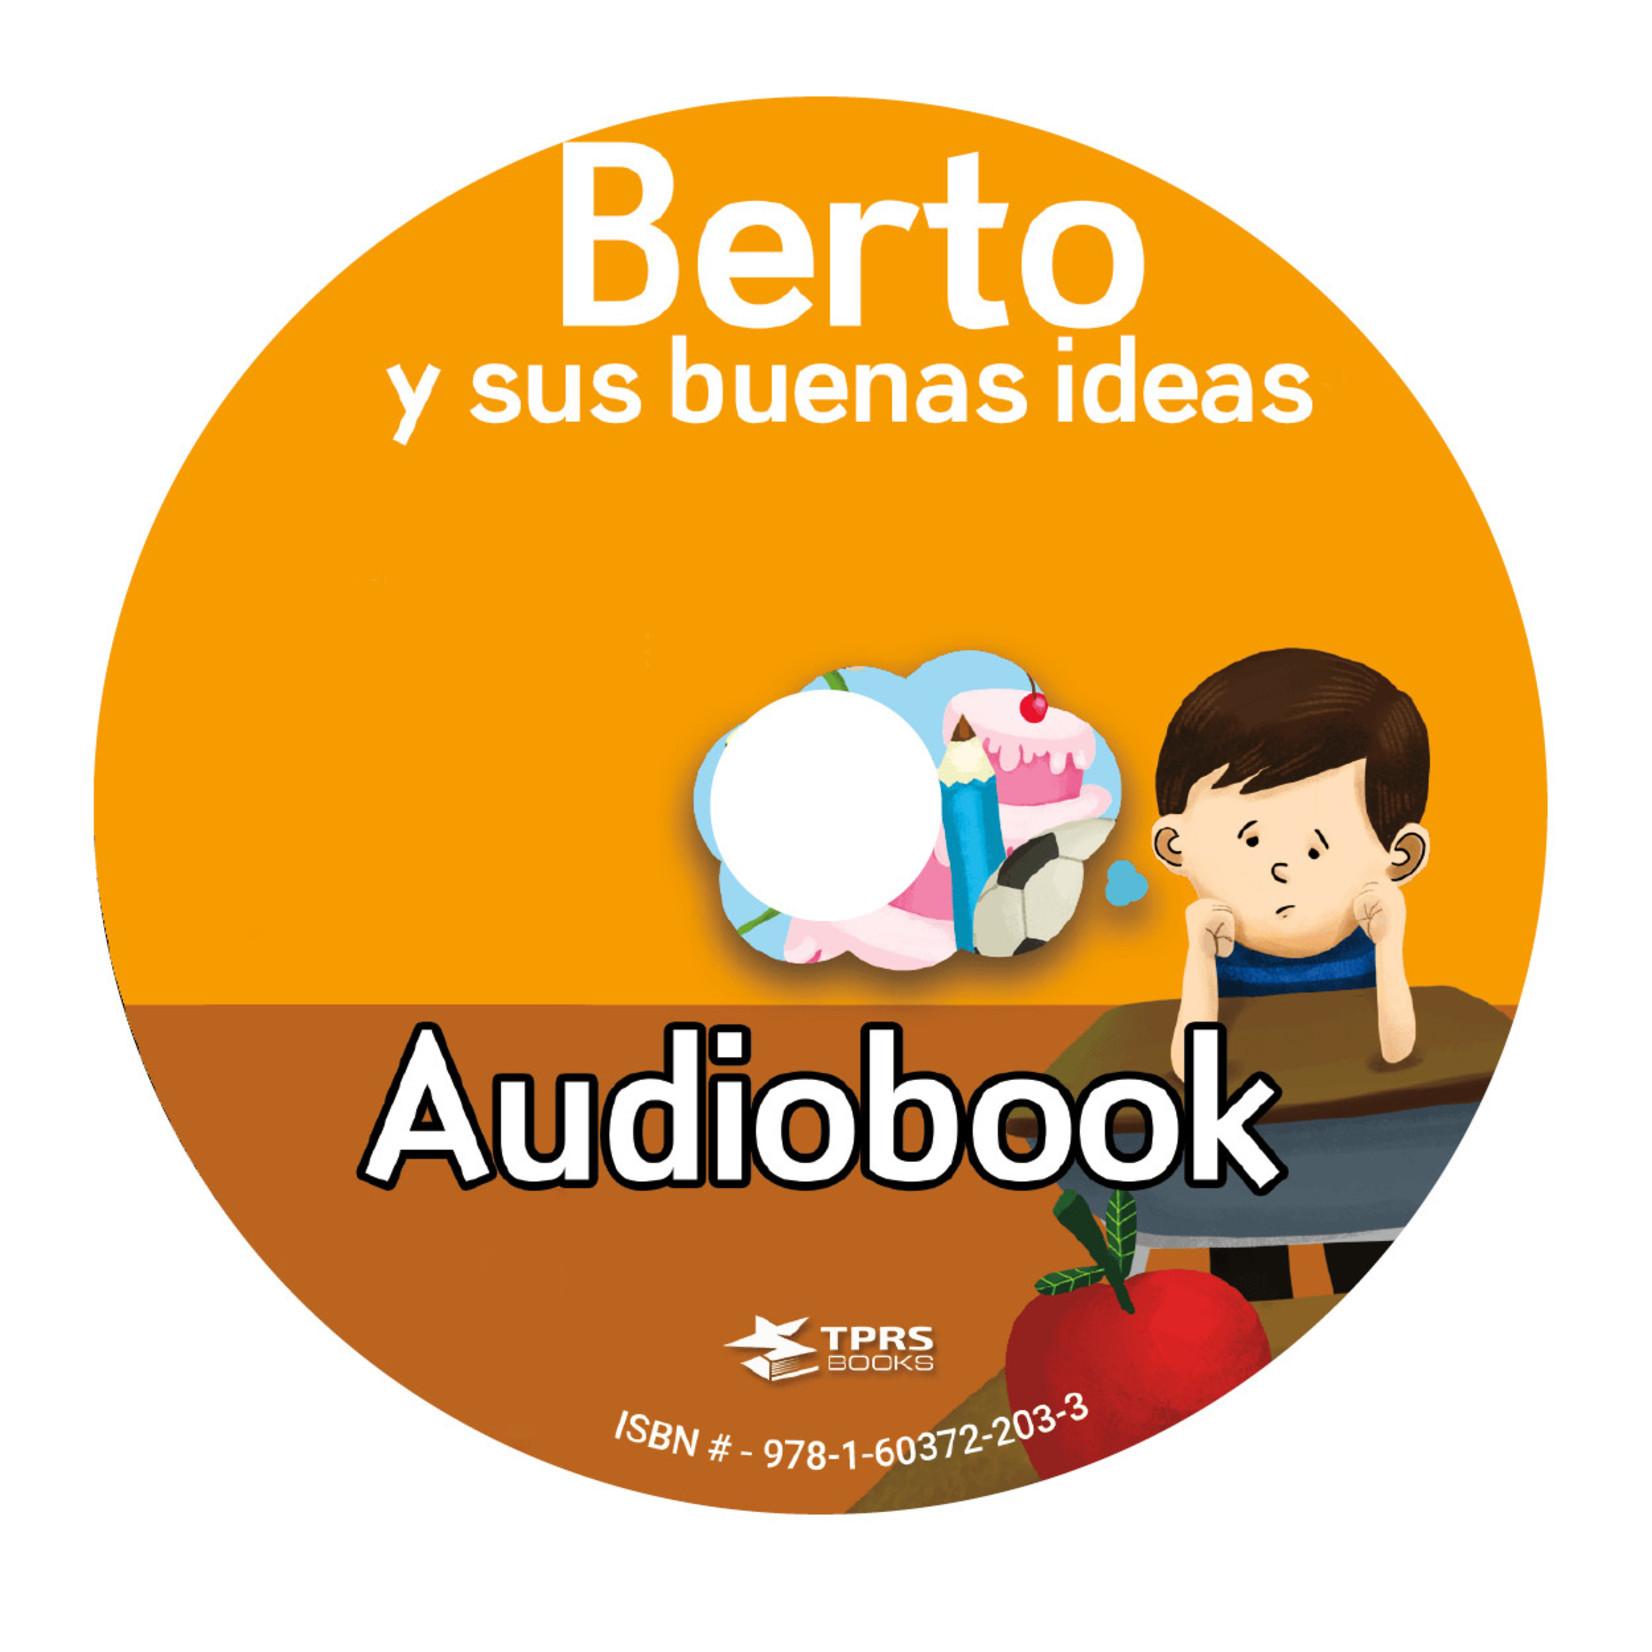 TPRS Books Berto y sus buenas ideas - Audiobook